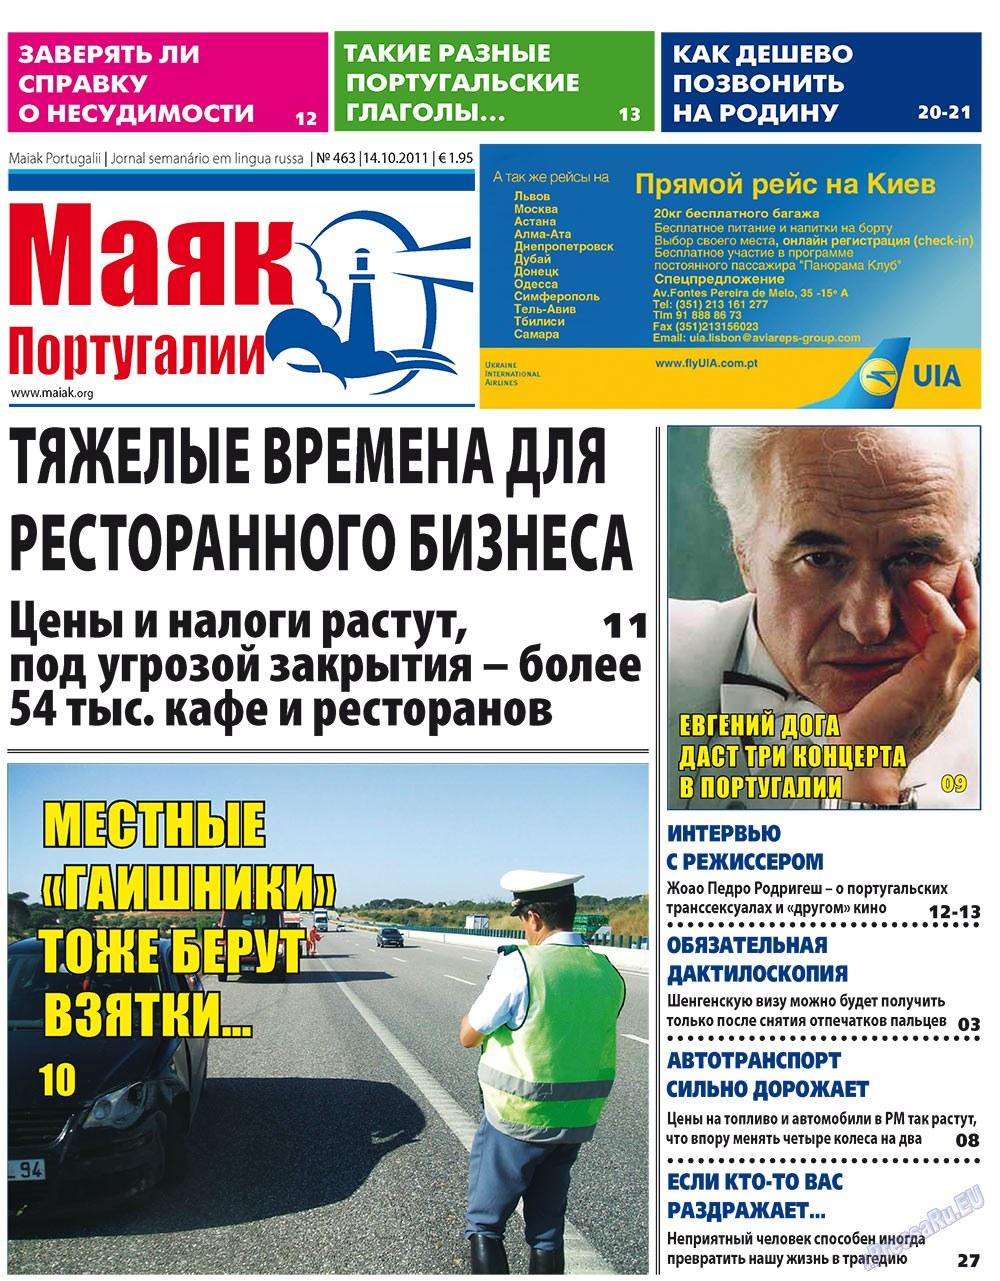 Маяк Португалии (газета). 2011 год, номер 463, стр. 1